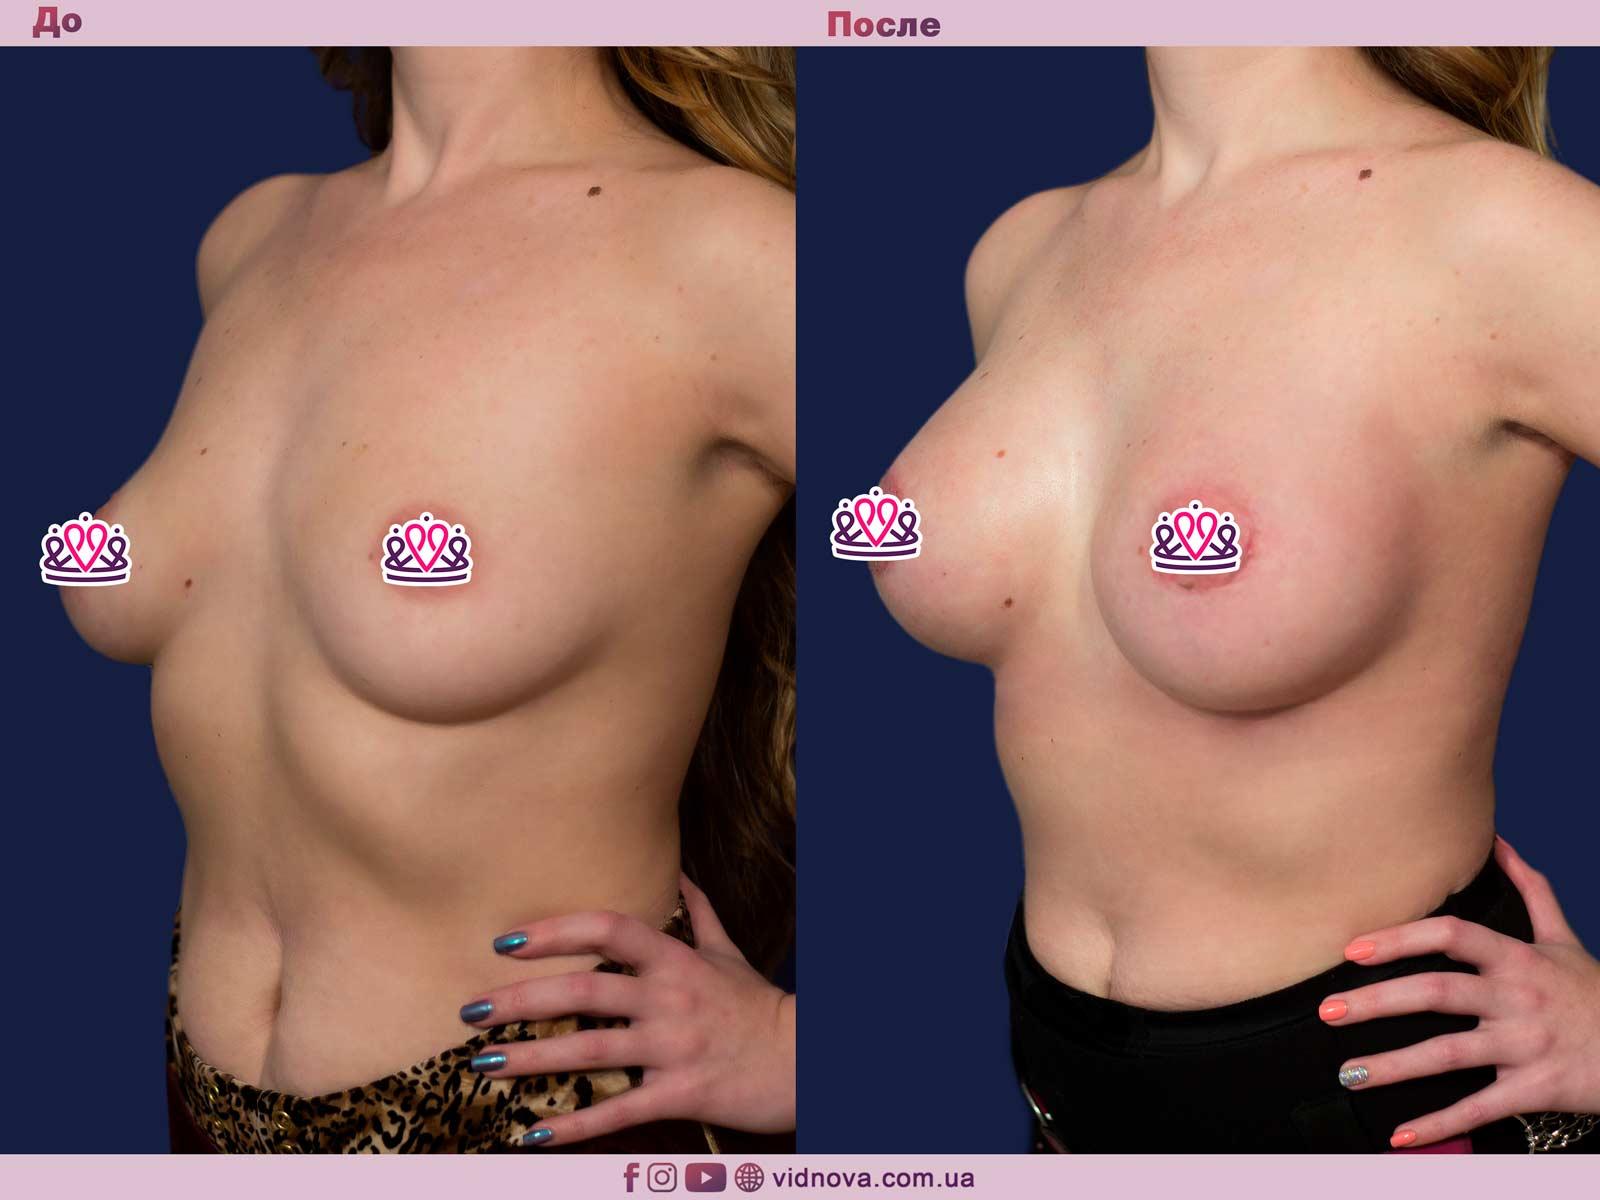 Пластика груди: результаты до и после - Пример №19-1 - Светлана Работенко